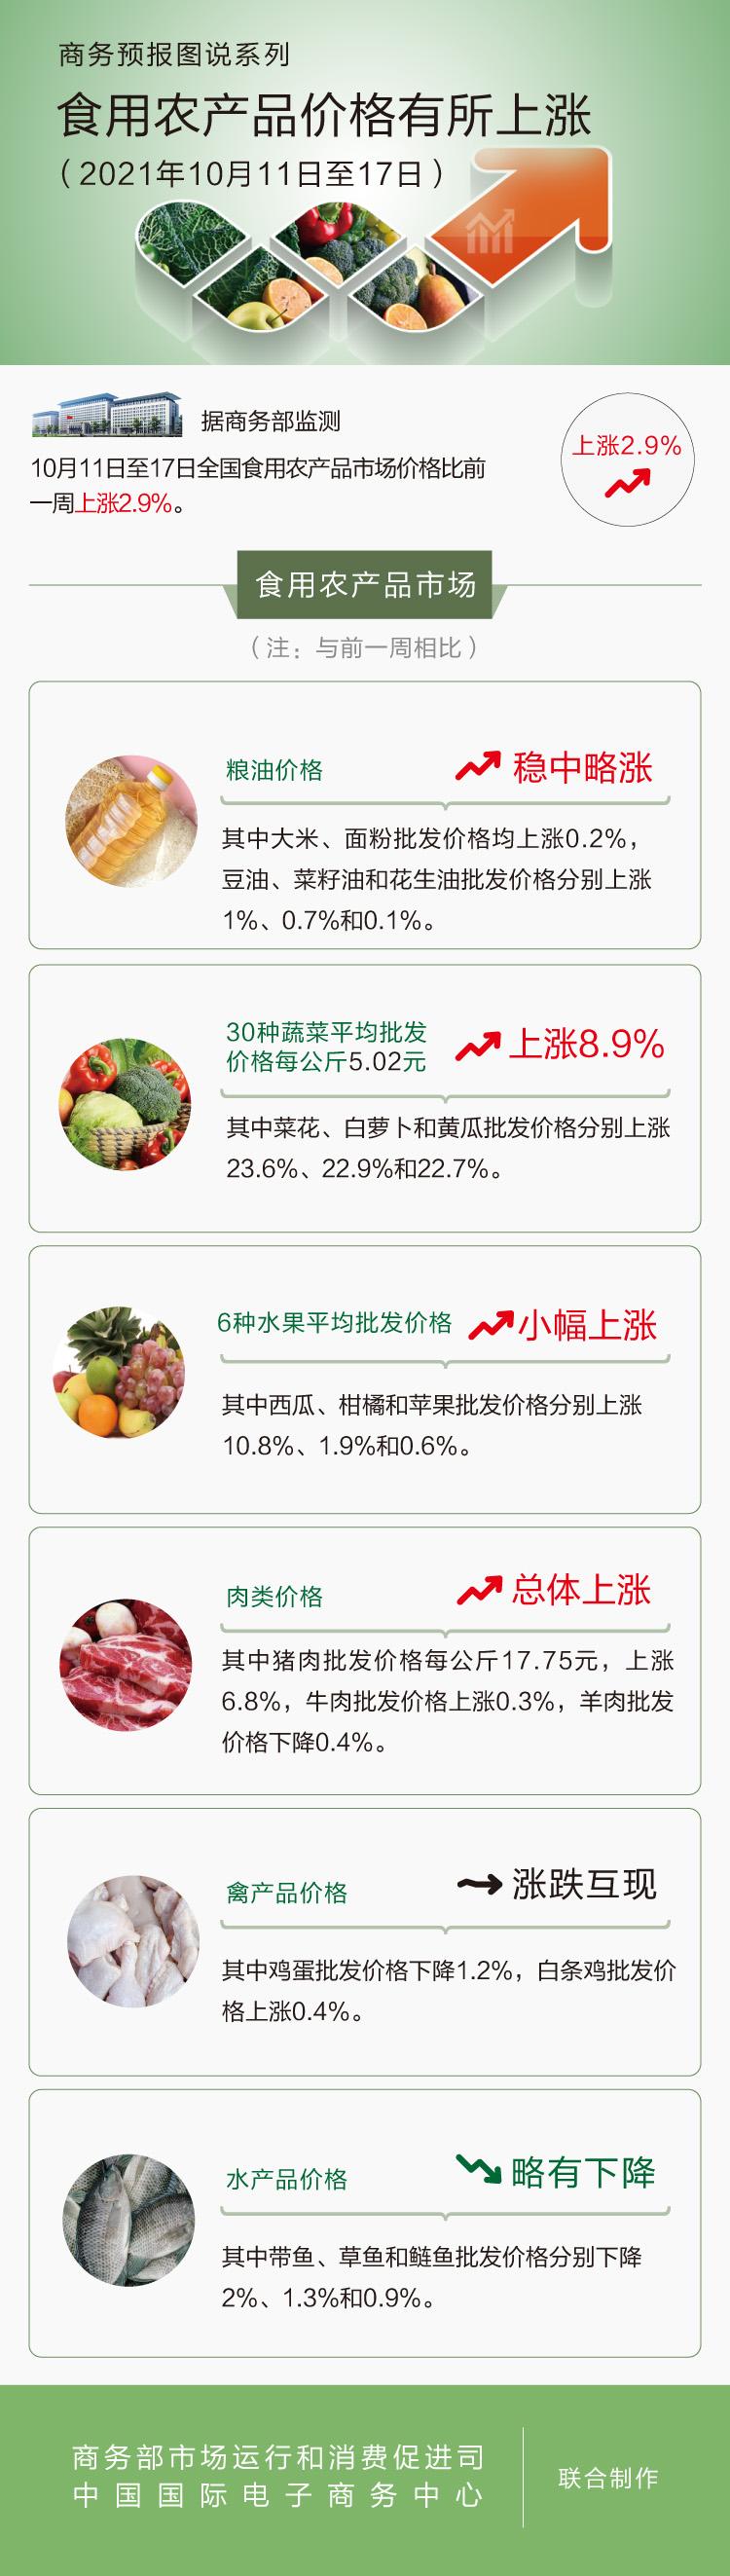 盛煌平台:商务部:上周食用农产品价格有所上涨猪肉价格止跌回升